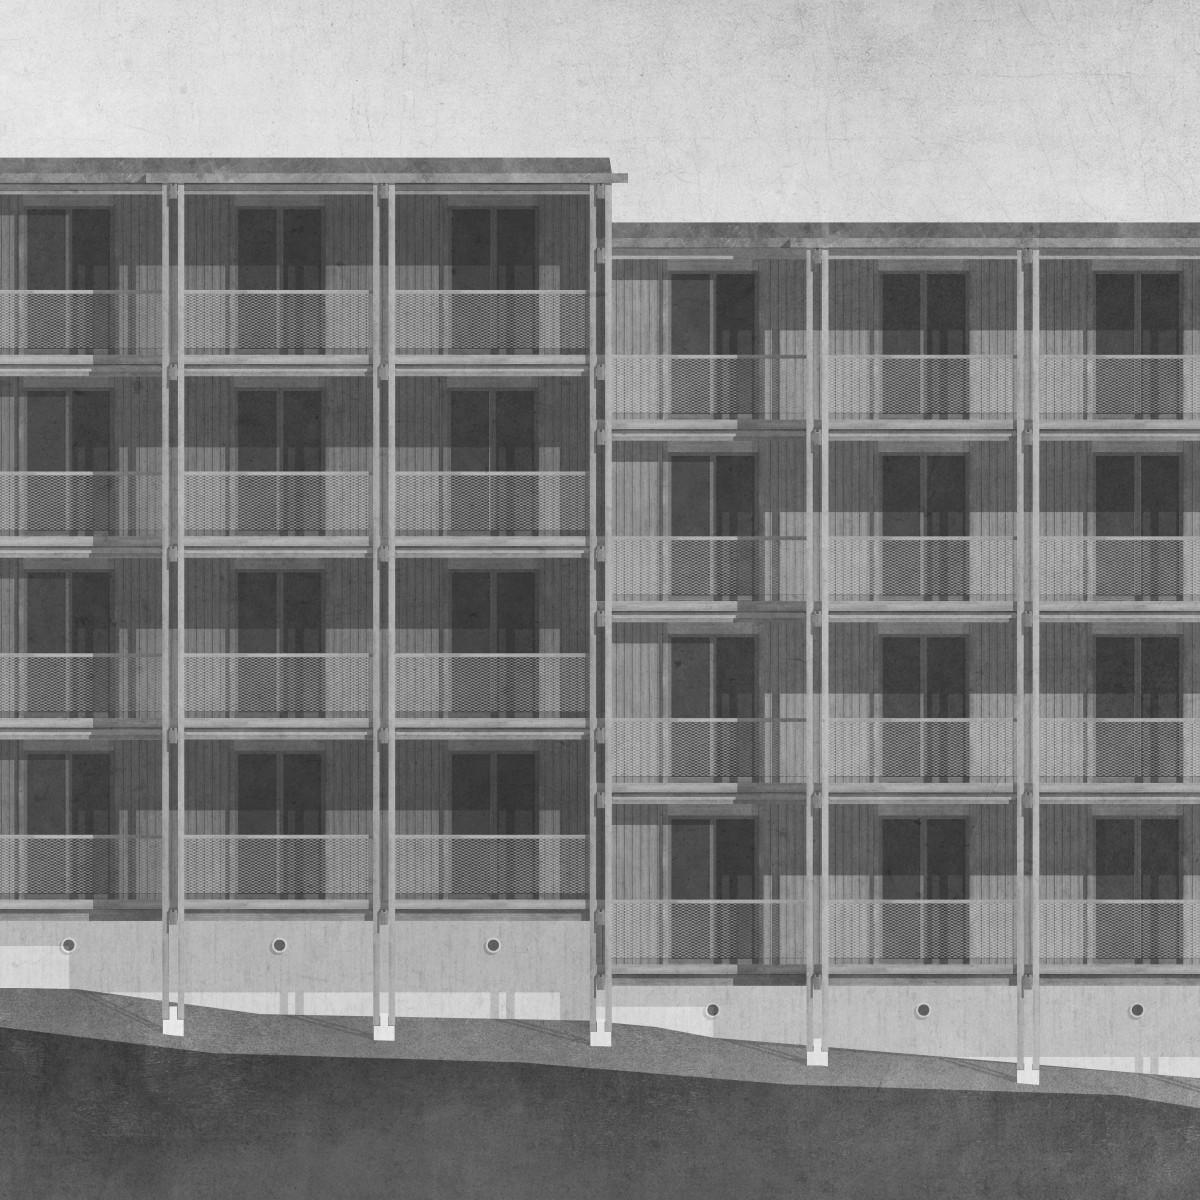 Wunderbar Architekt Suchen Referenz Von V: Rha